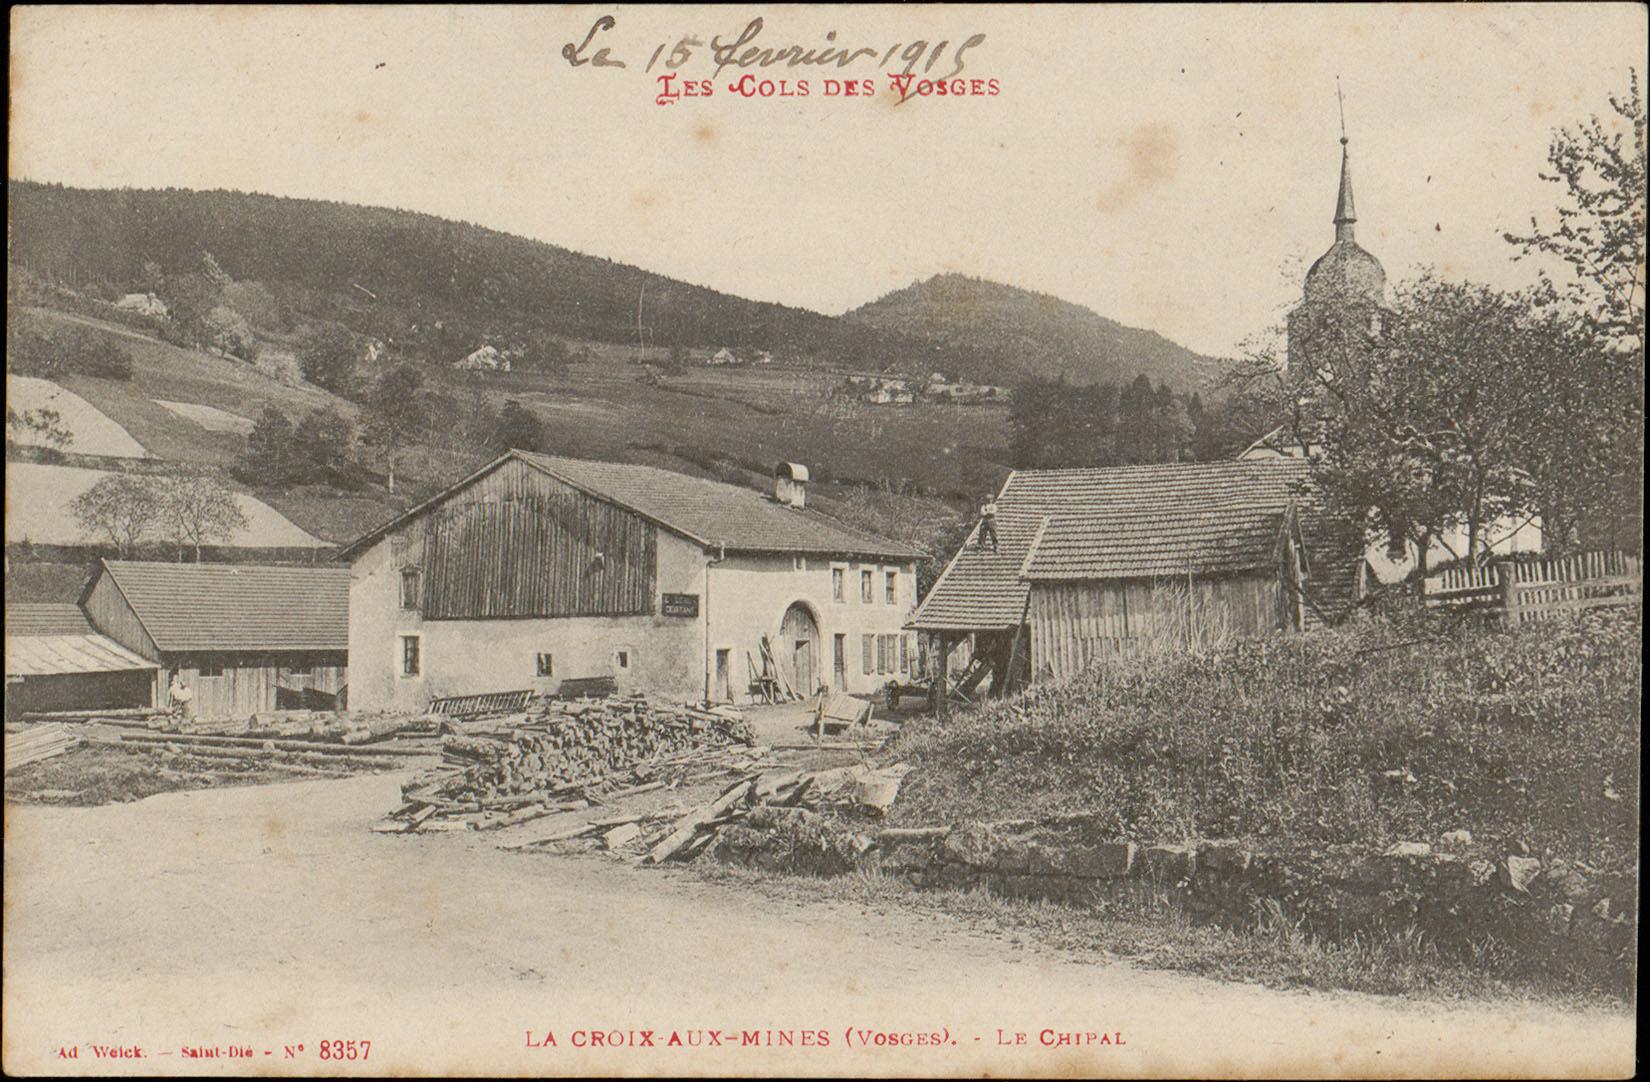 Contenu du La Croix-aux-Mines (Vosges), Le Chipal